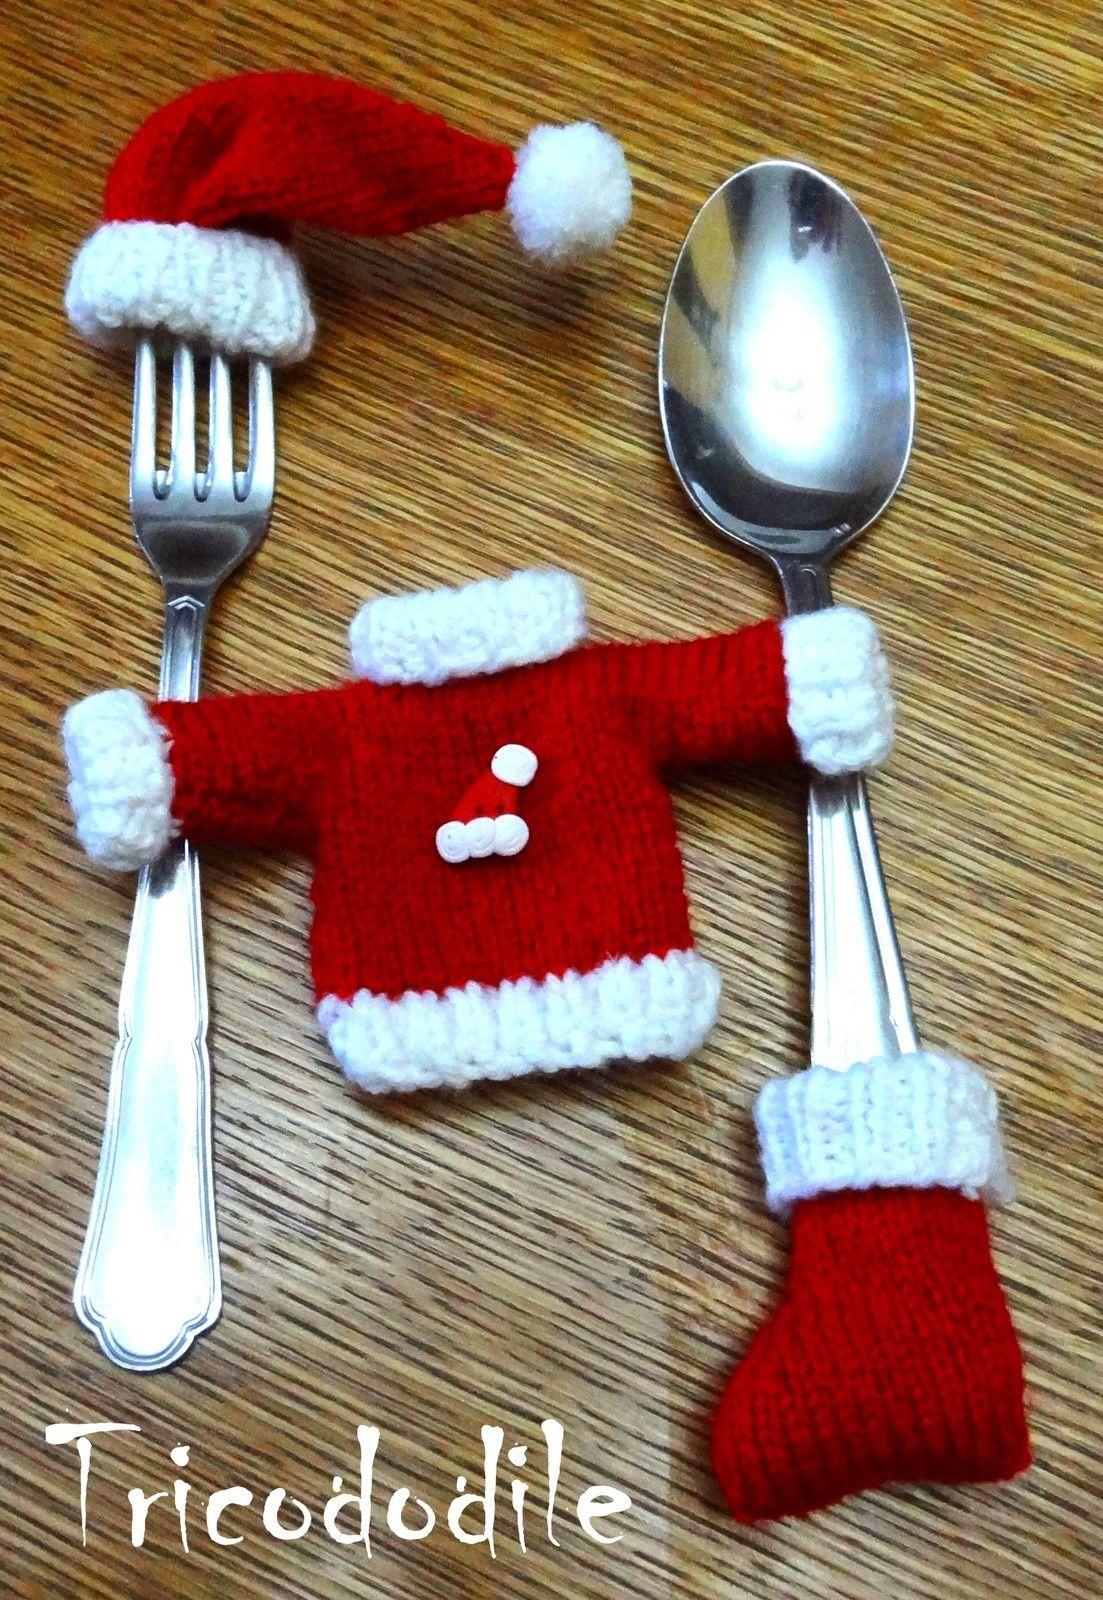 la botte et le bonnet de no l miniature tricot le tuto. Black Bedroom Furniture Sets. Home Design Ideas